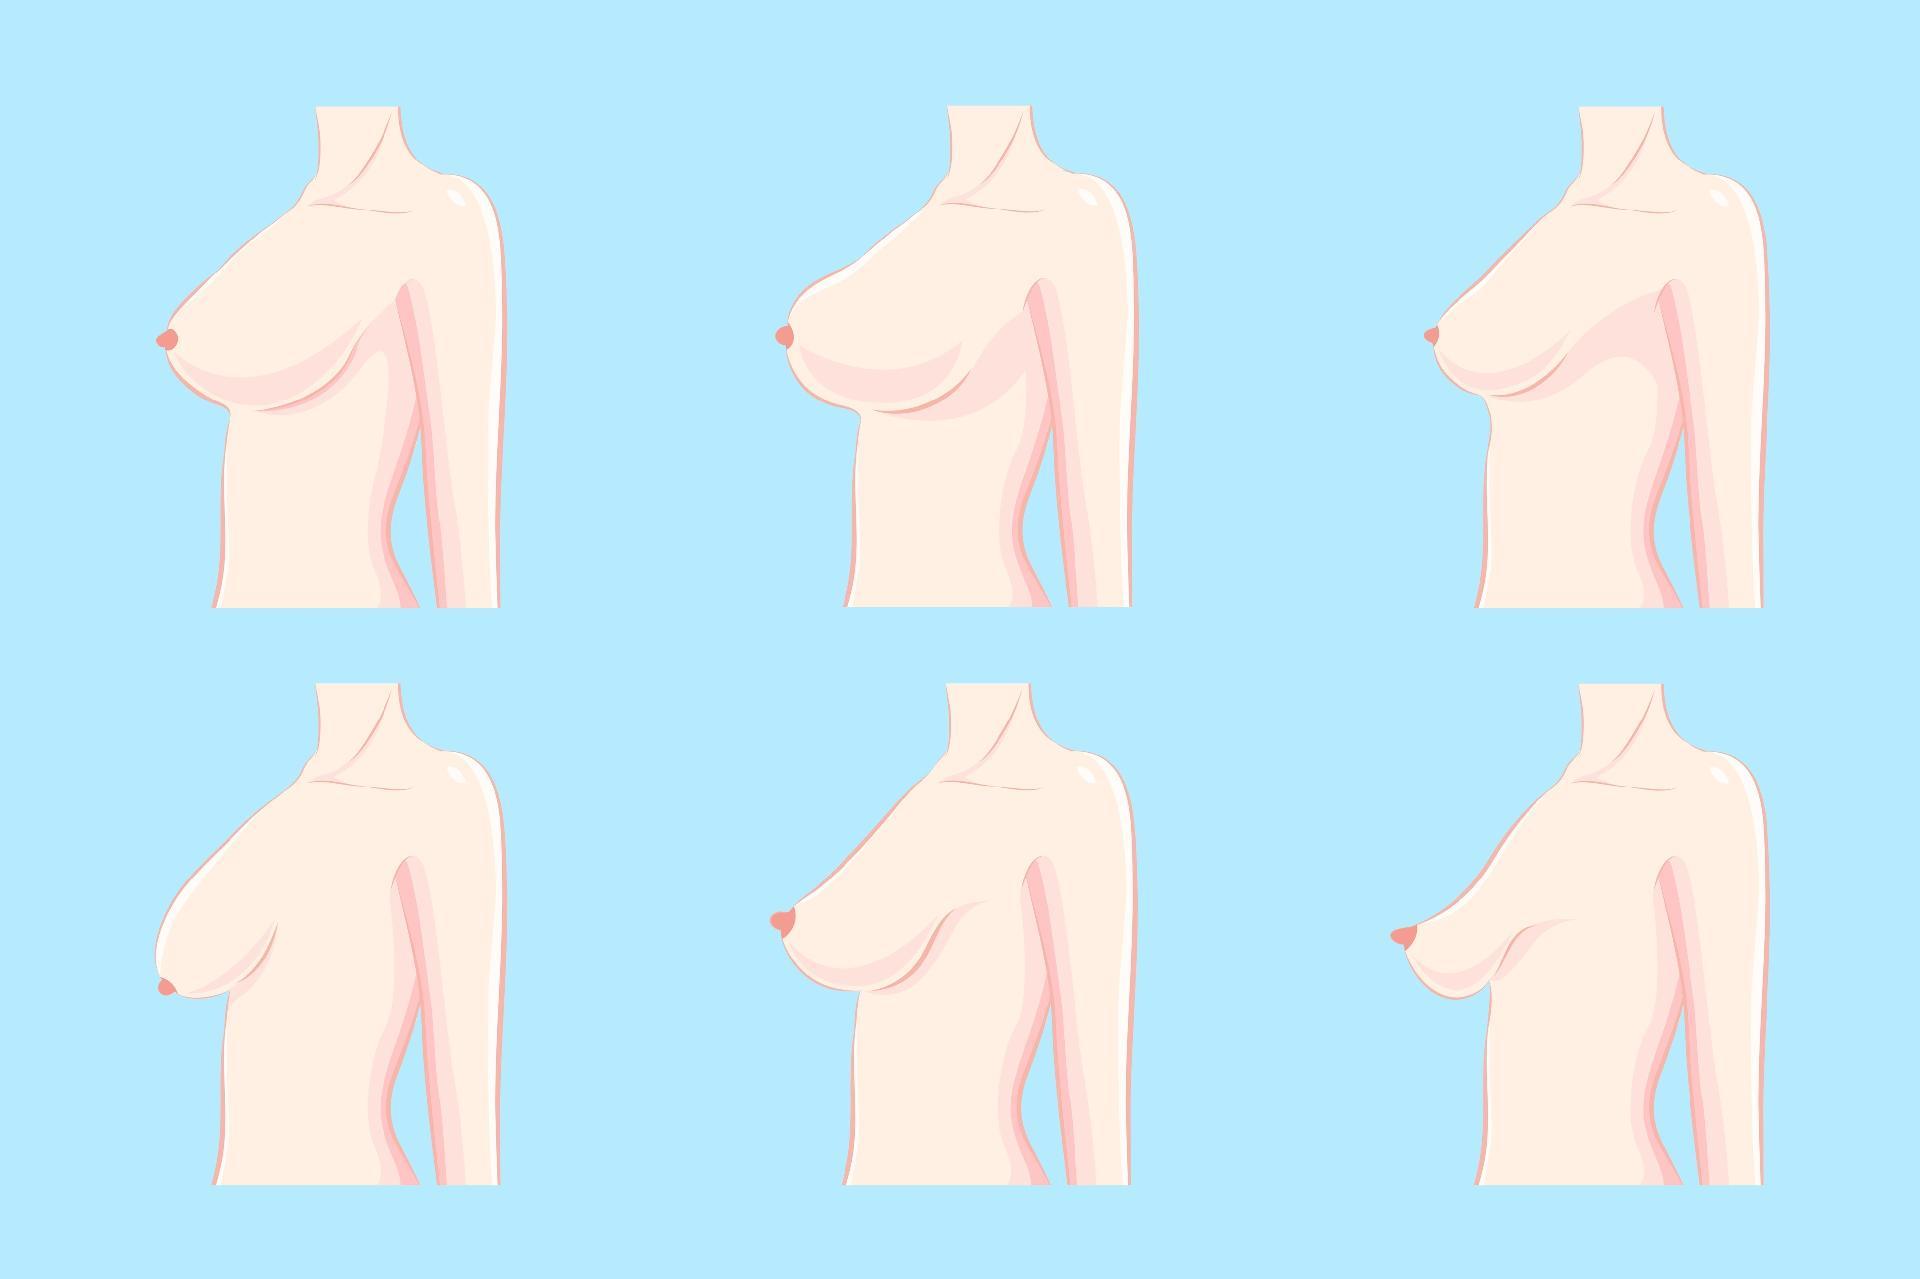 34f18096c Que mudanças ocorrem nos seios após a gravidez e amamentação  - 18 08 2018  - UOL Universa